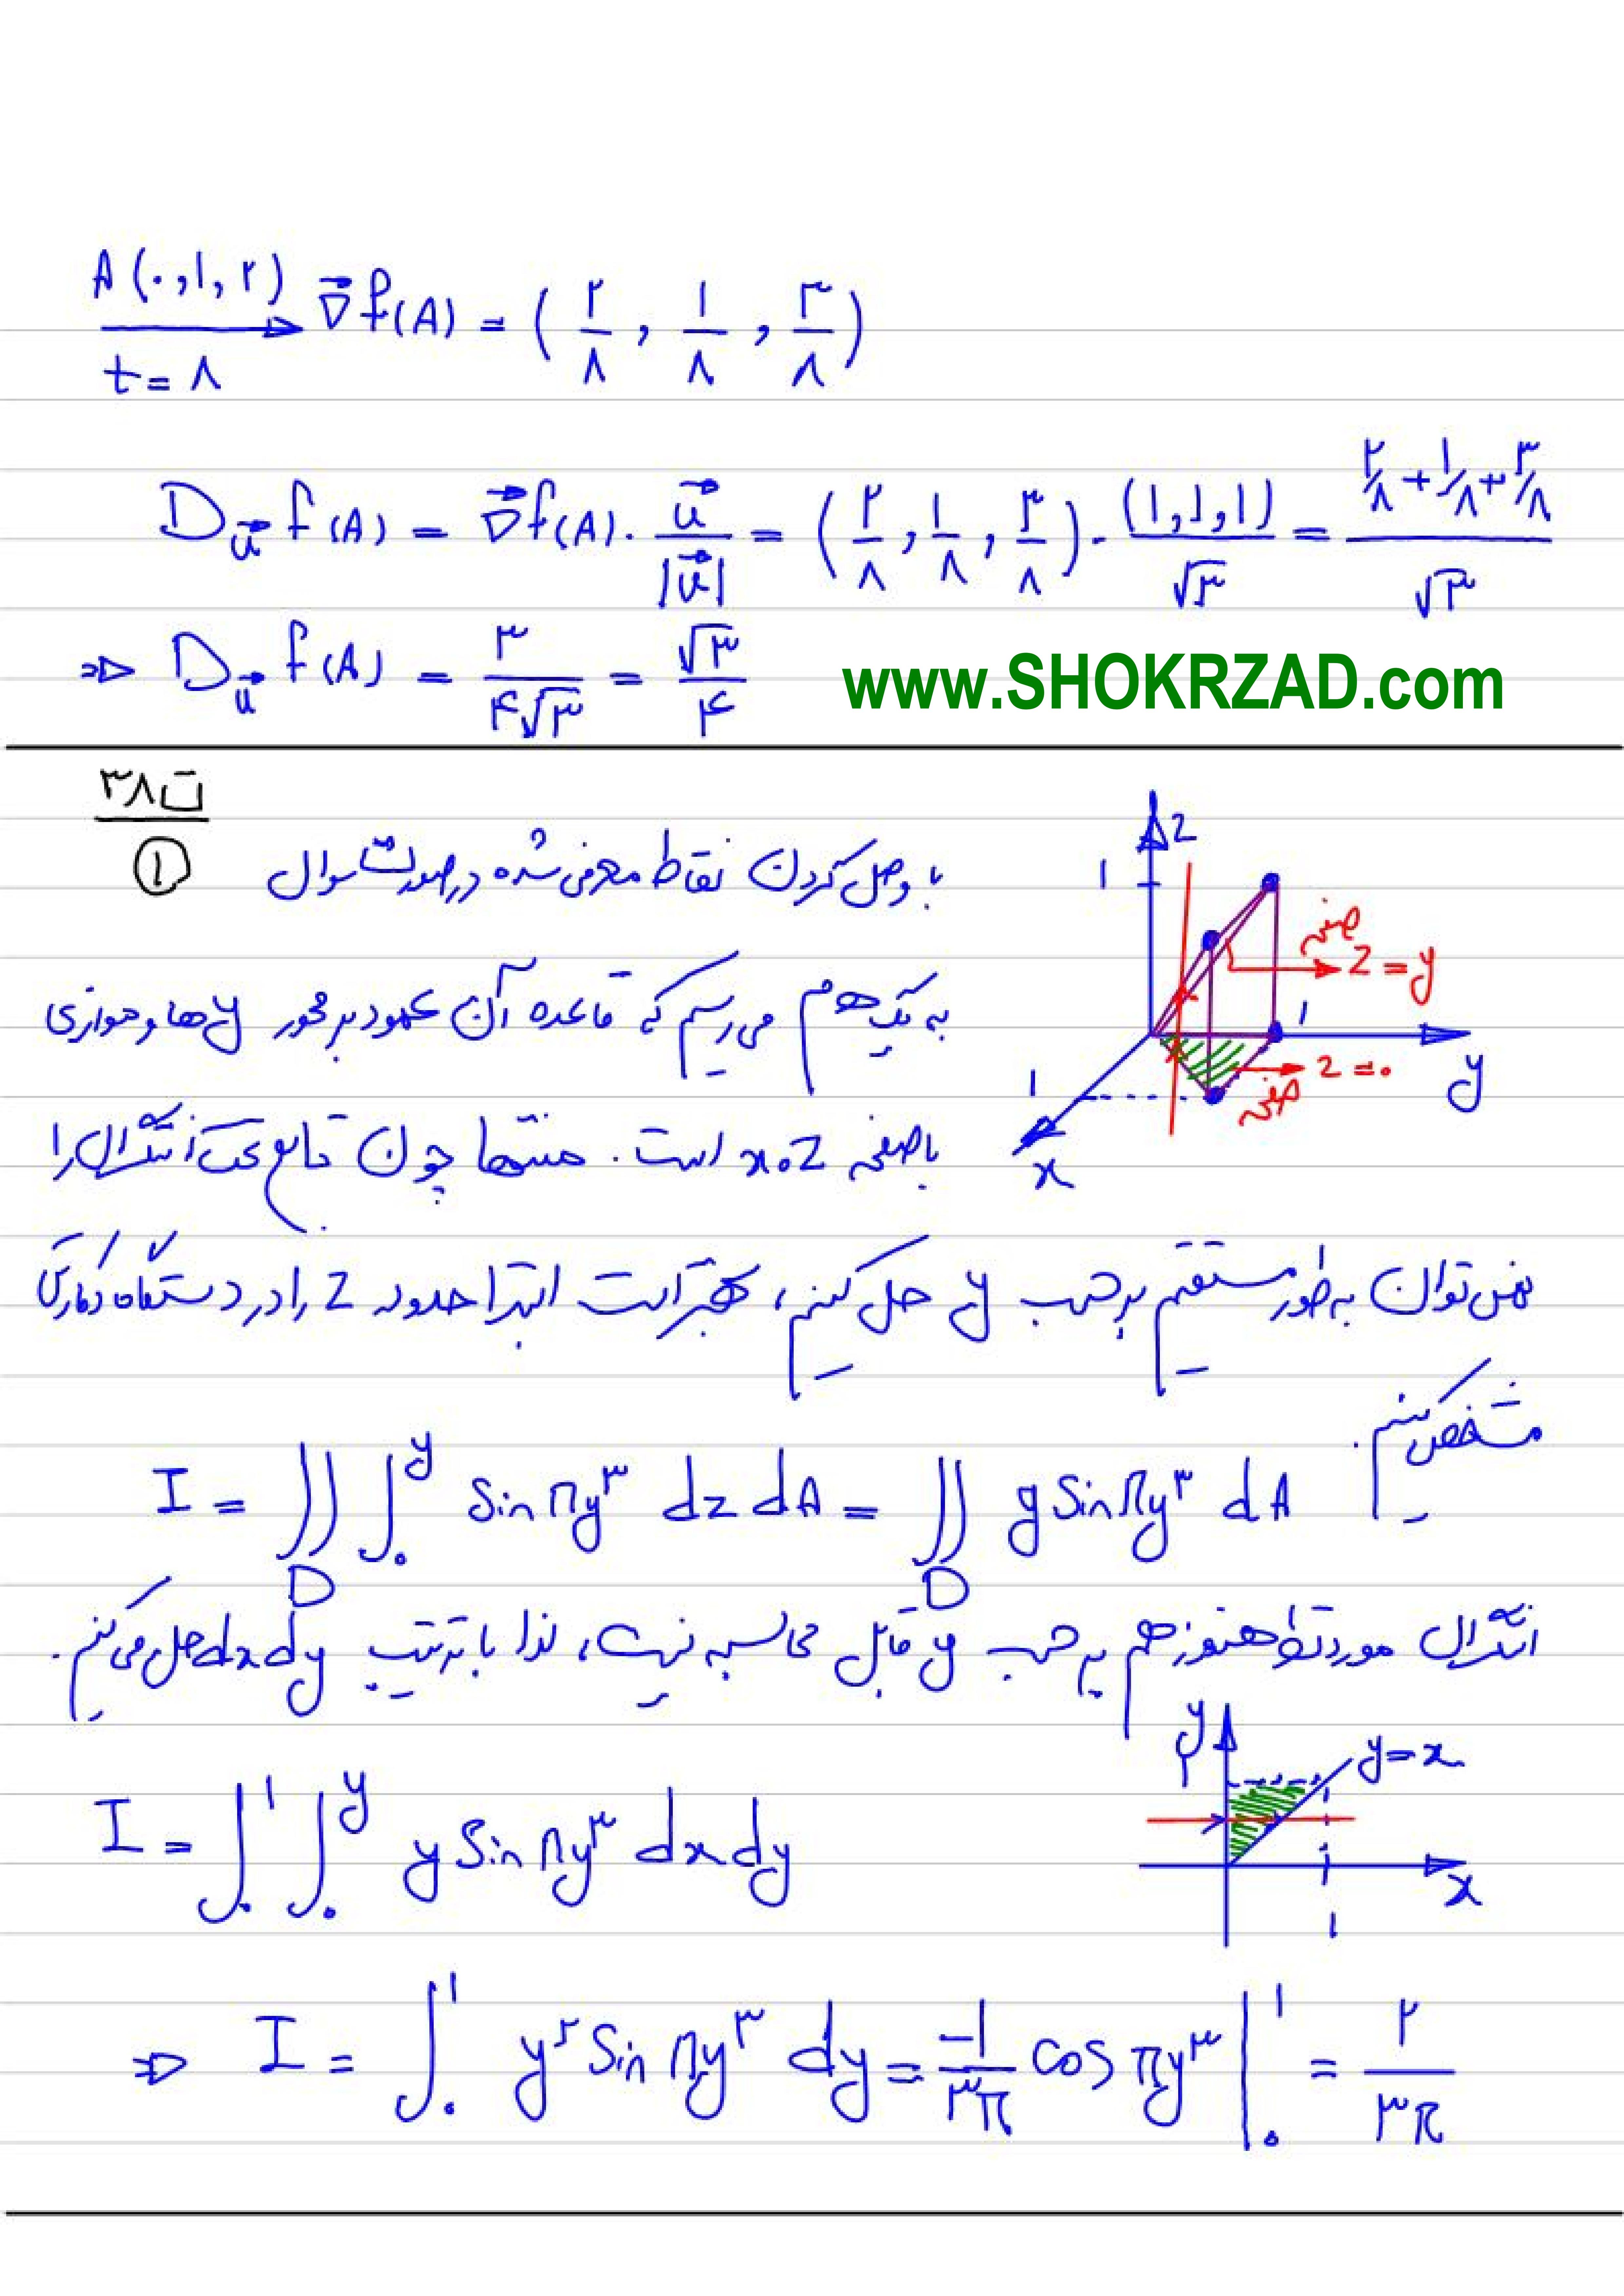 پاسخنامه تشریحی سوالات ریاضی عمومی رشته علوم کامپیوتر ارشد 95